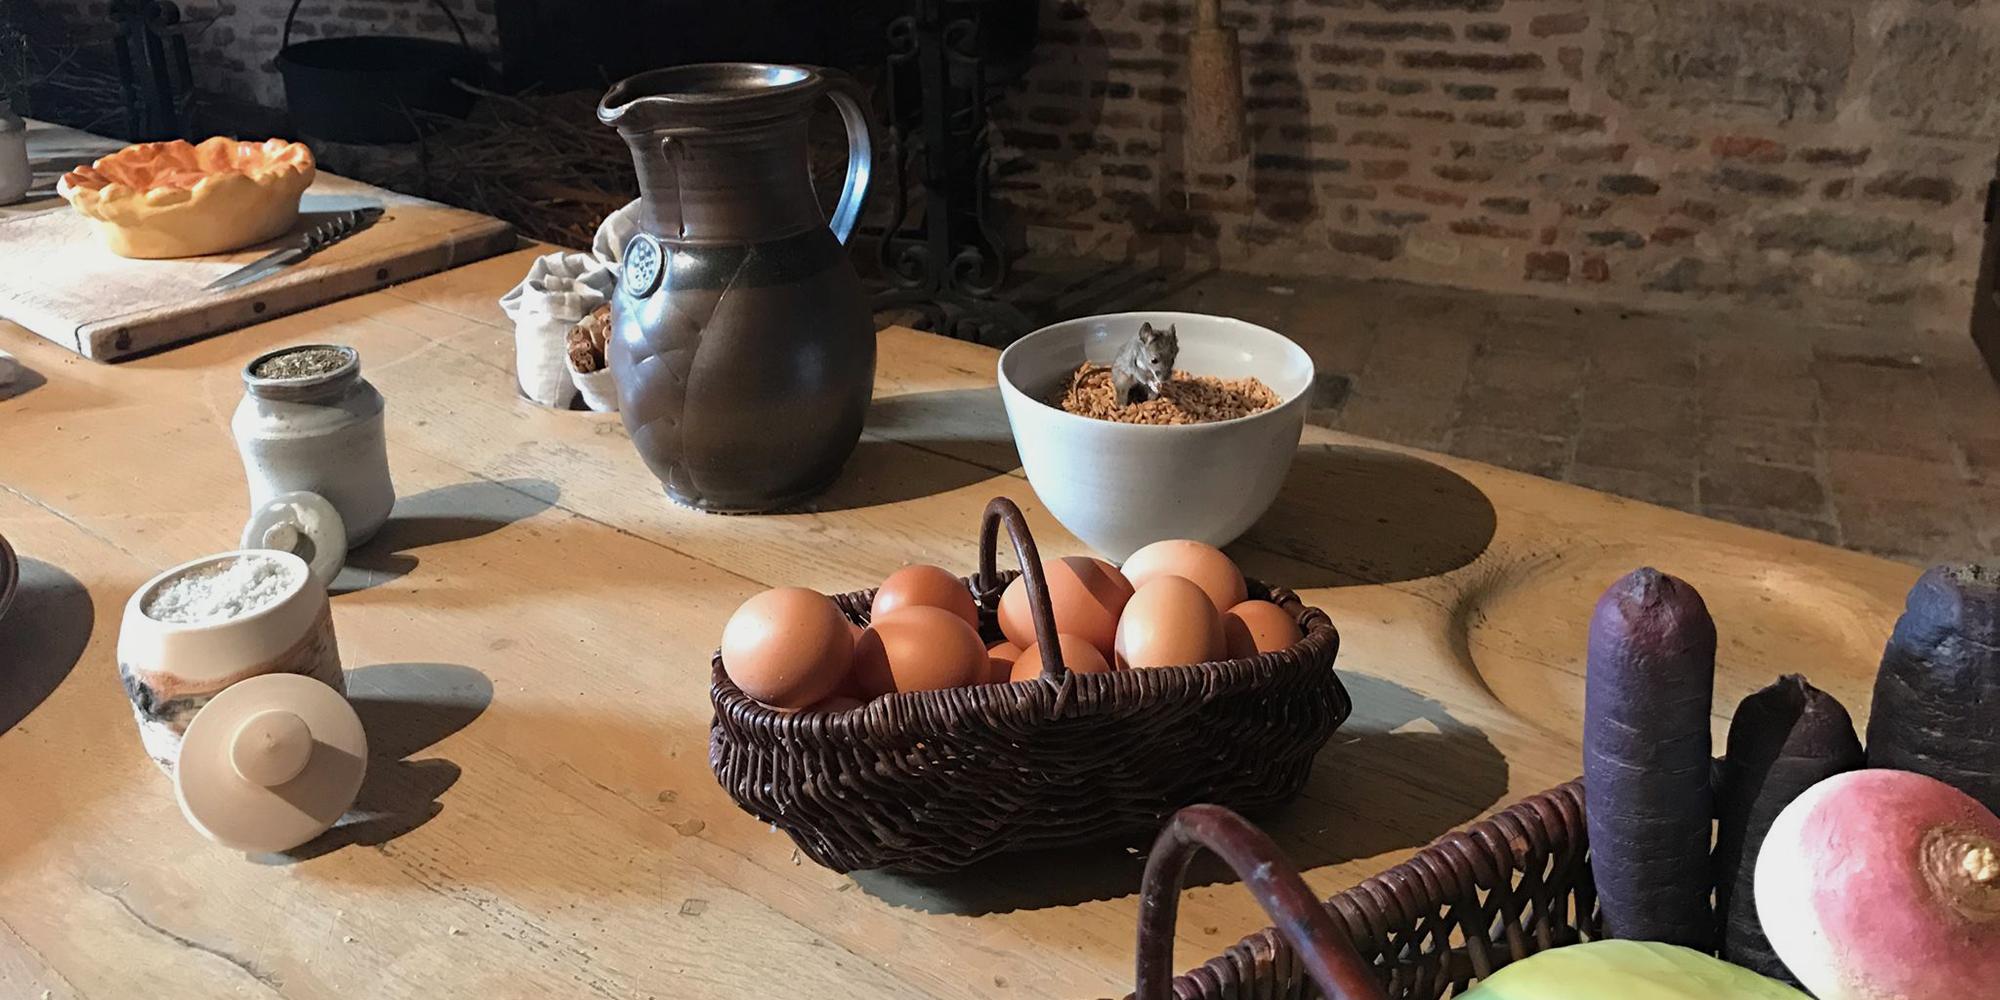 vue de l'exposition à table au moyen-âge au chateau du Clos de Vougeot avec aliments factices made in Atelier Cobalt Fx